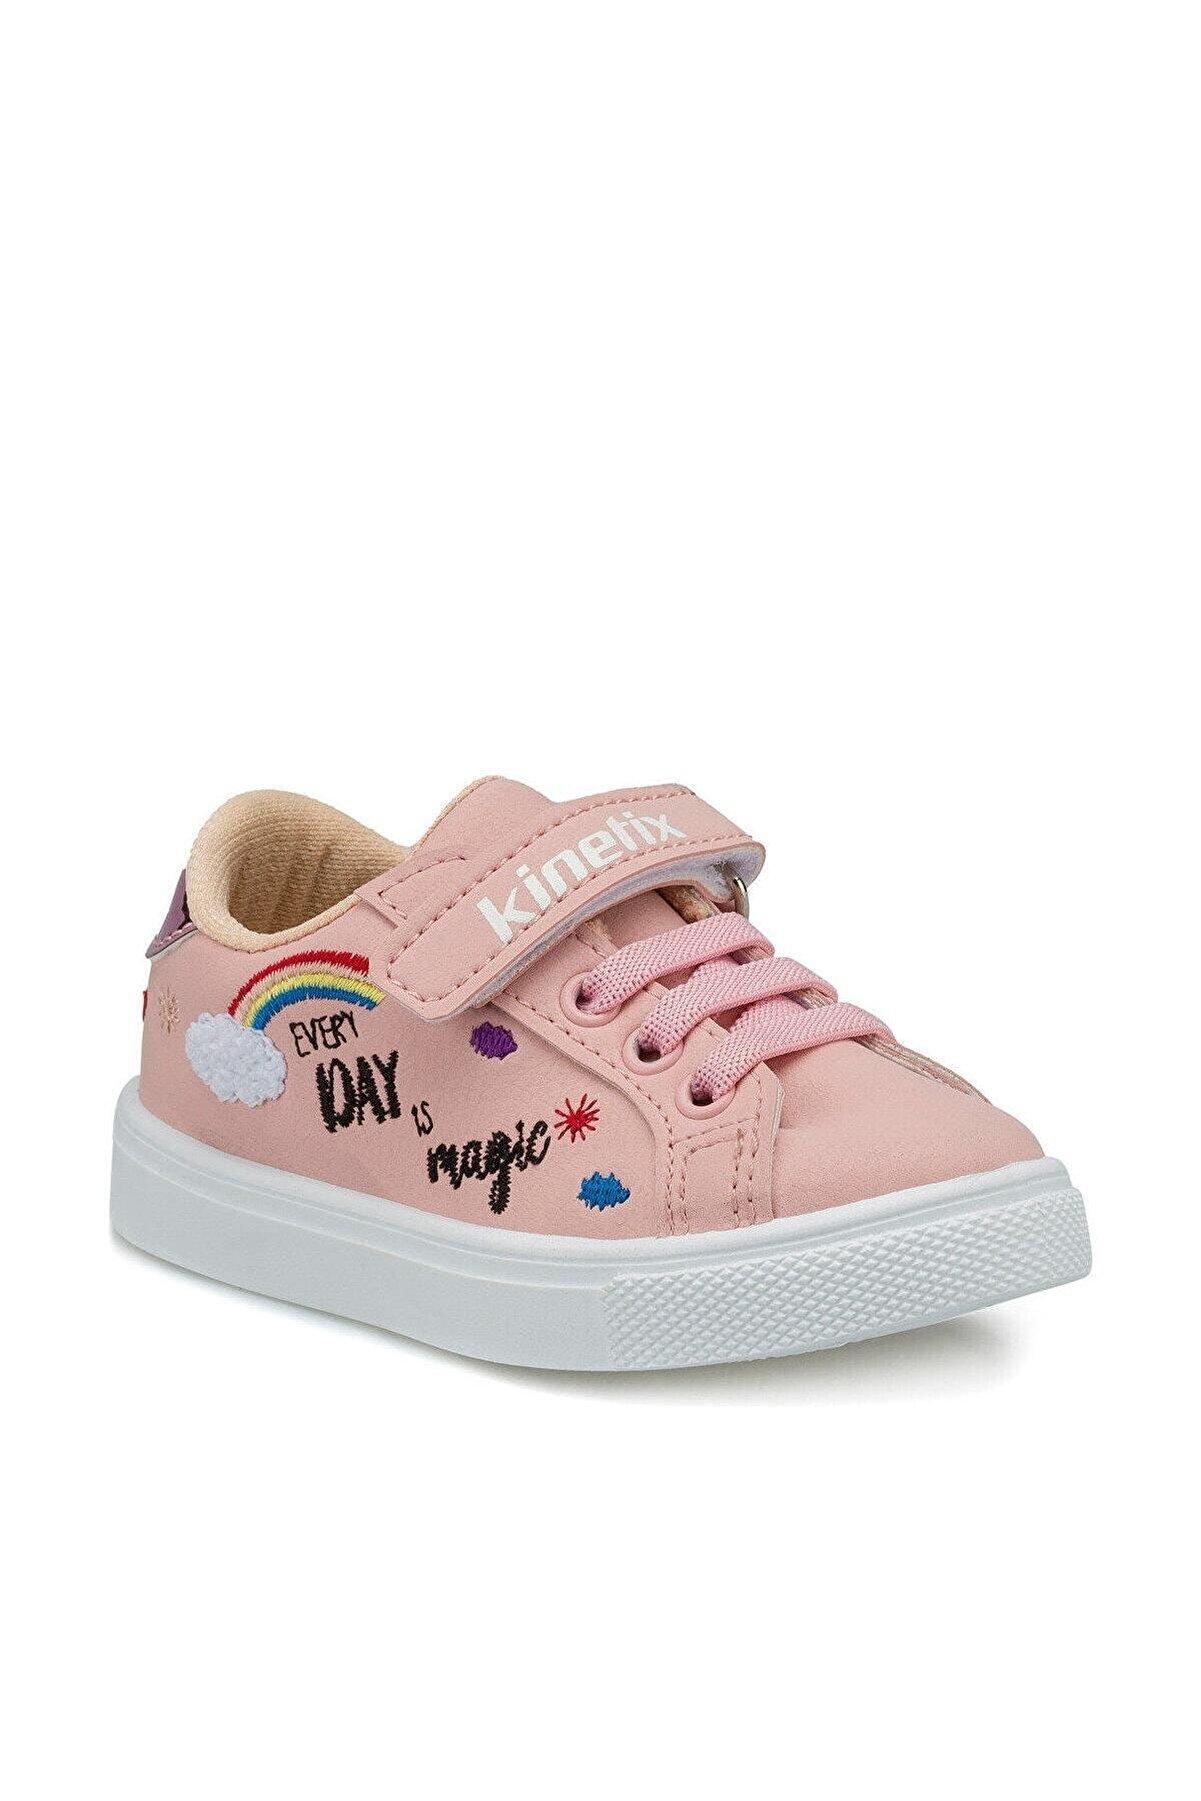 Kinetix GANJ Açık Pembe Kız Çocuk Sneaker Ayakkabı 100492238